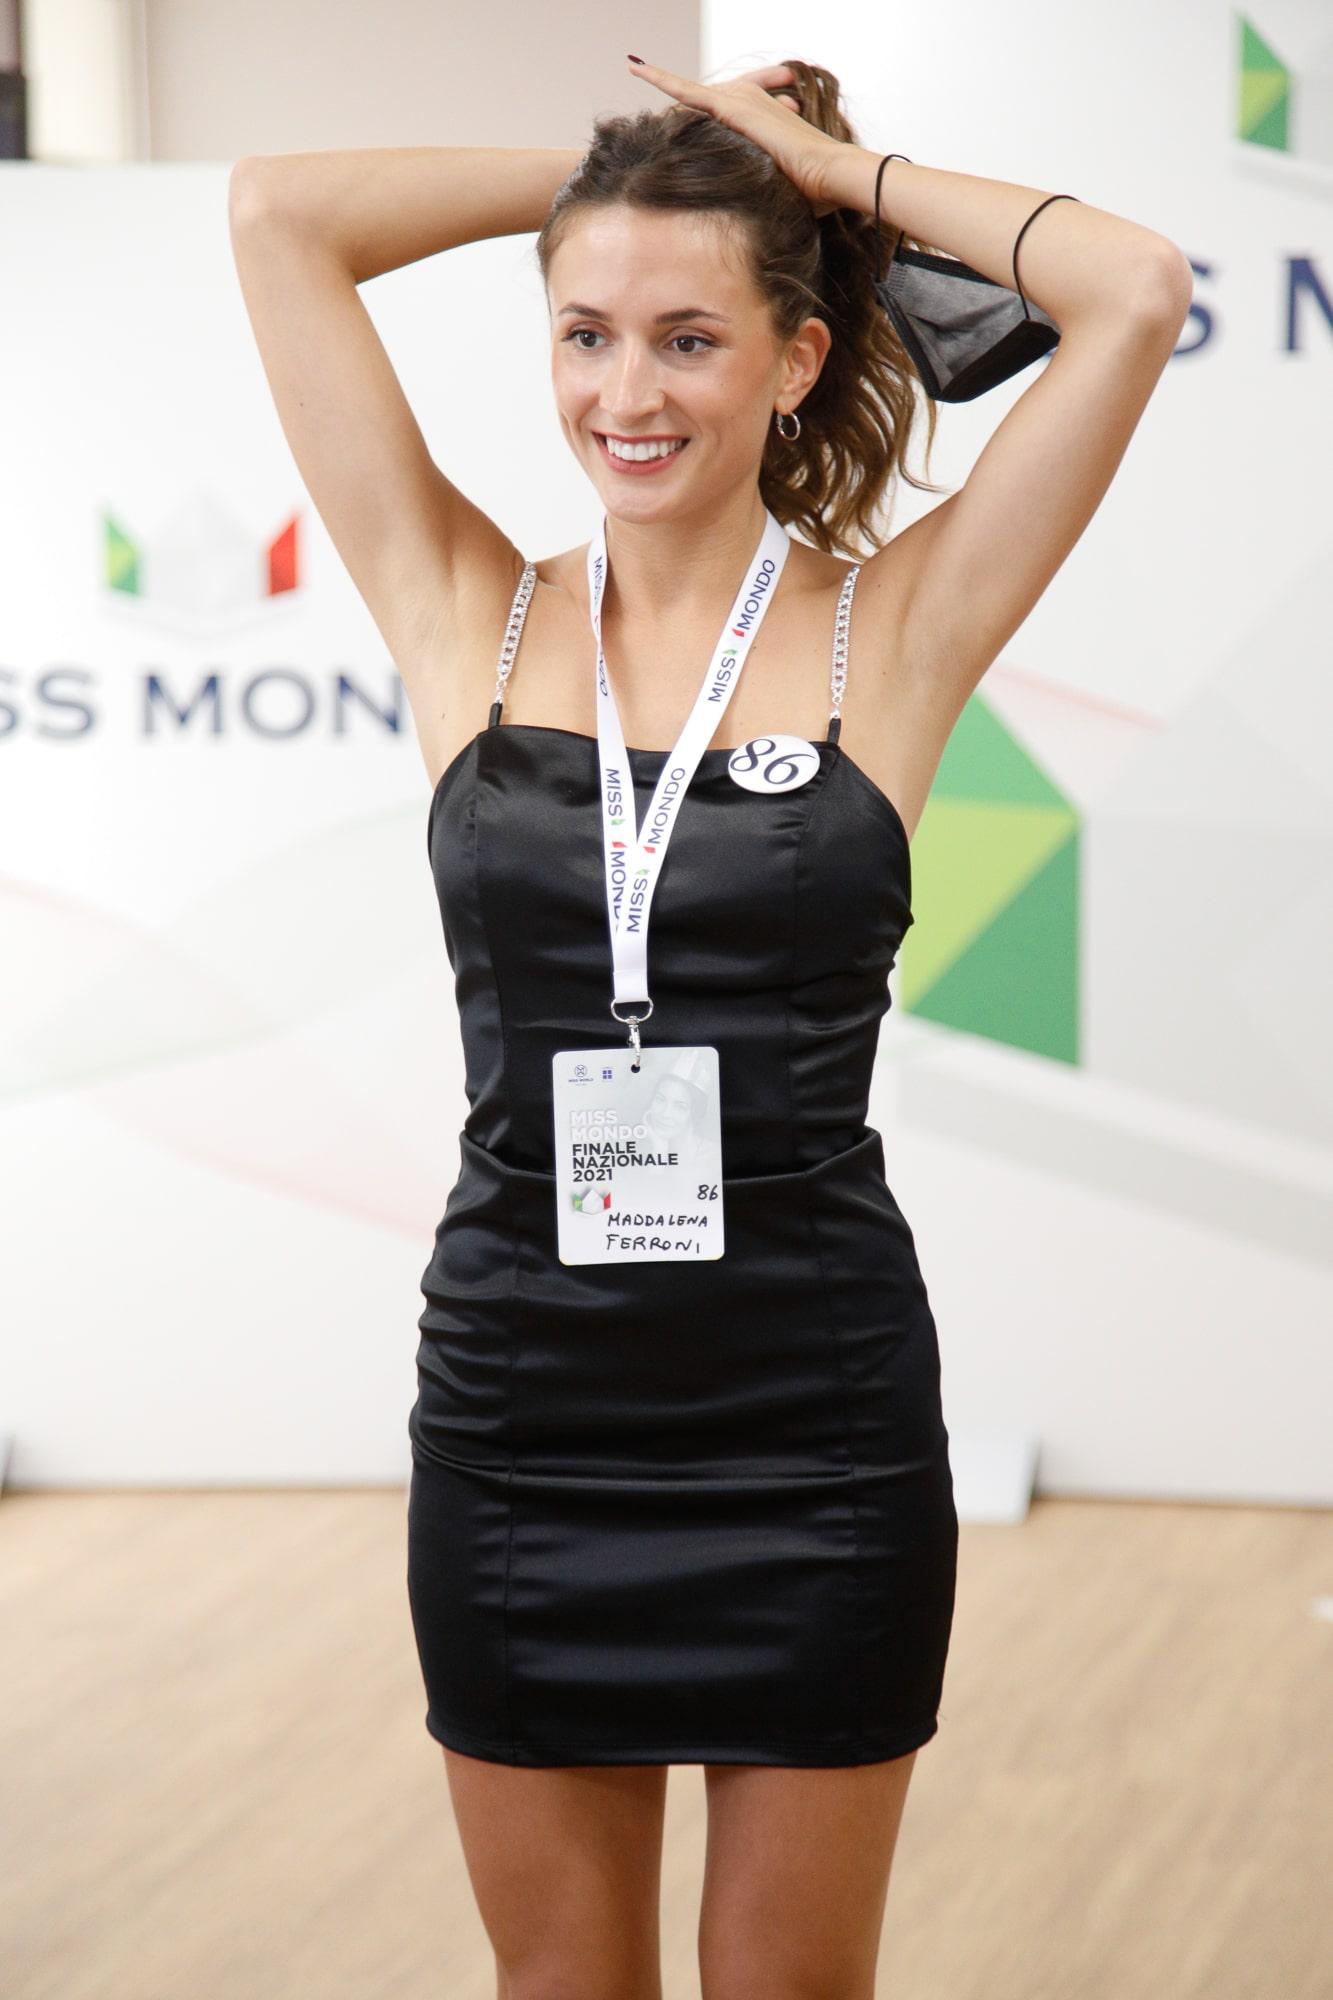 Terzo passaggio giuria per le ragazze di Missmondo Italia 2021 - 18